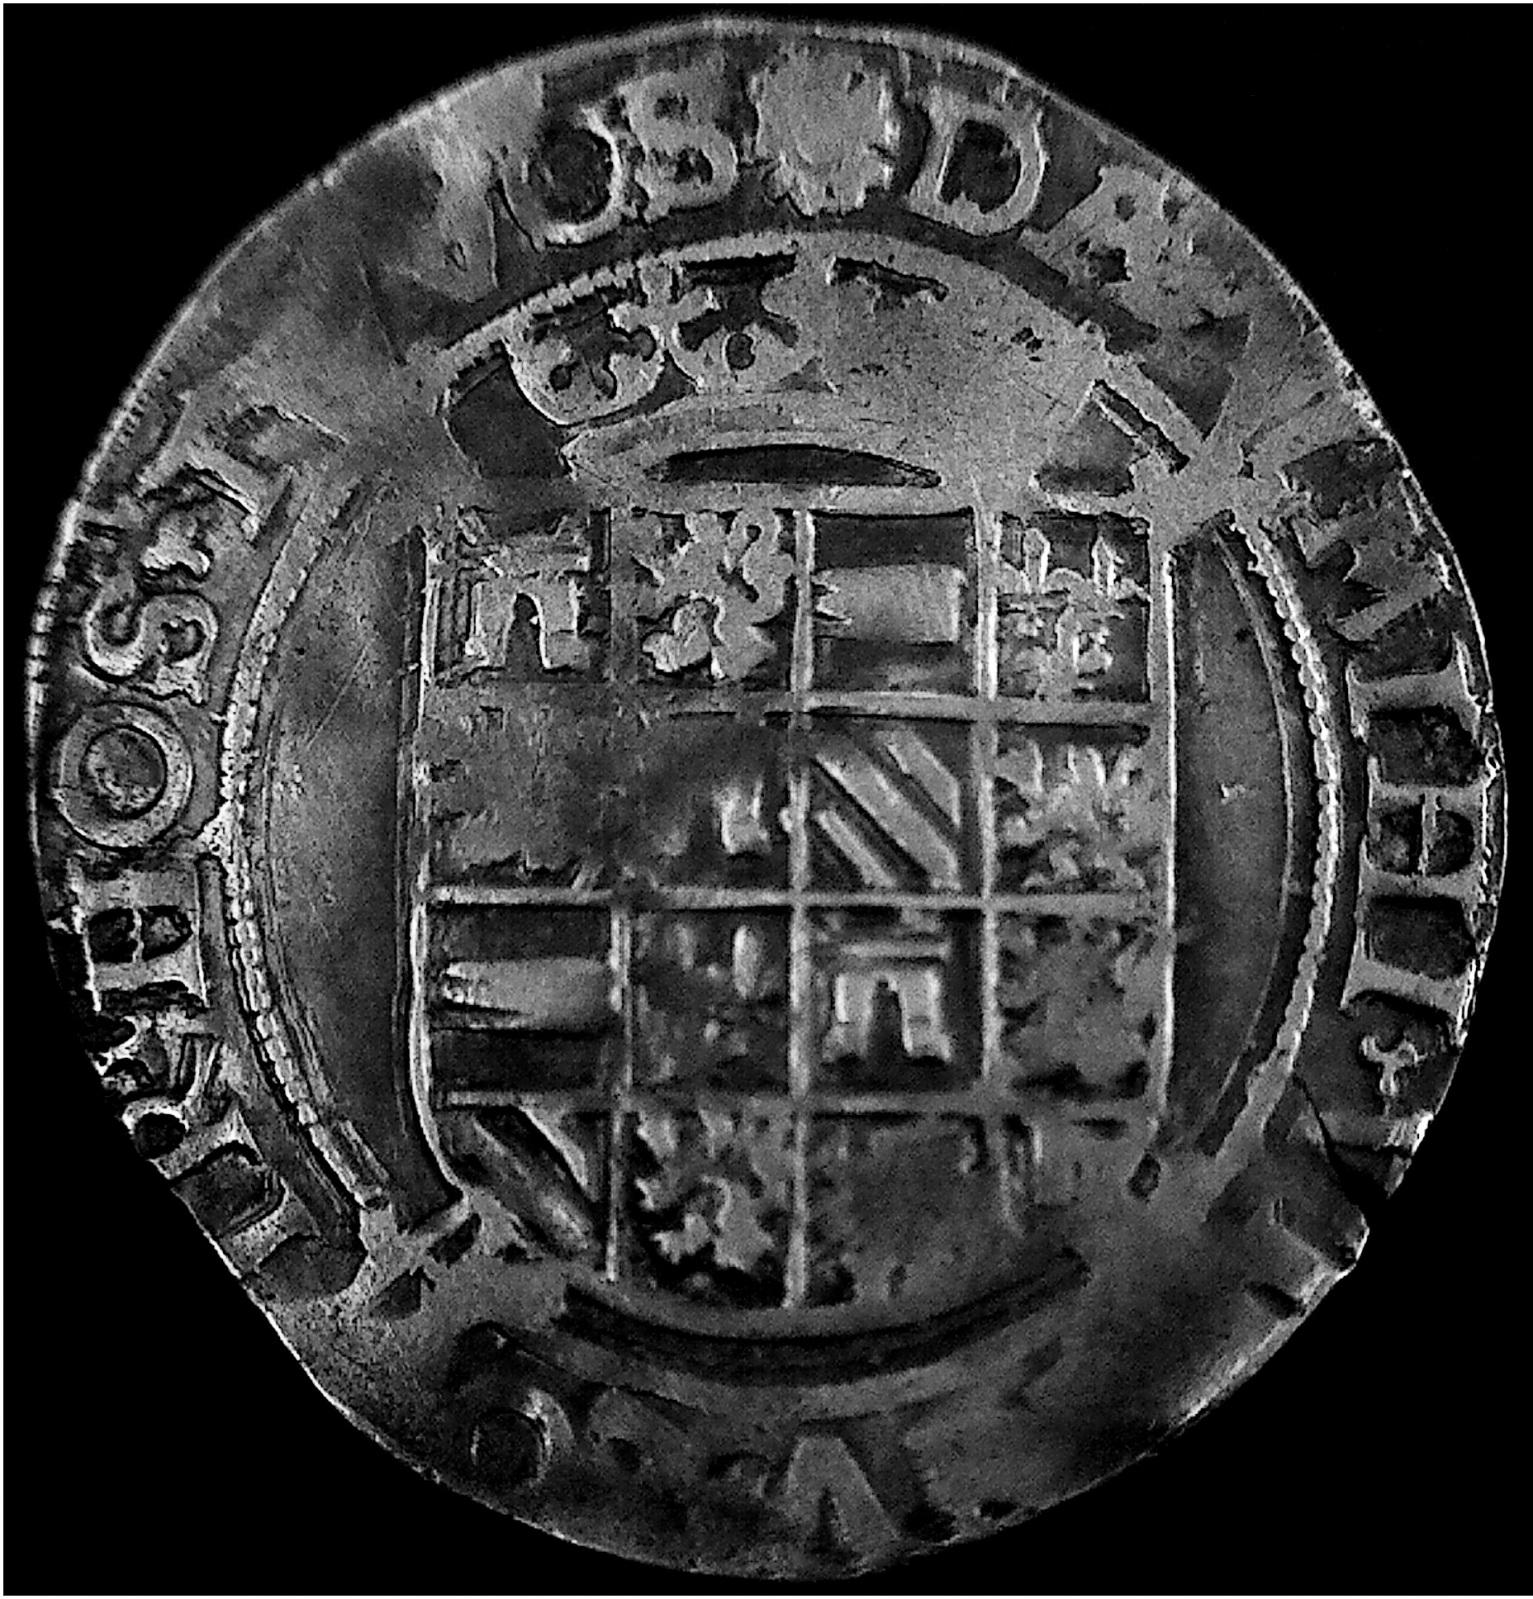 1 Vlieger ( 4 stuivers ) a nombre de Carlos v, Dordrecht ( Holanda ), 1540. Mk90d0